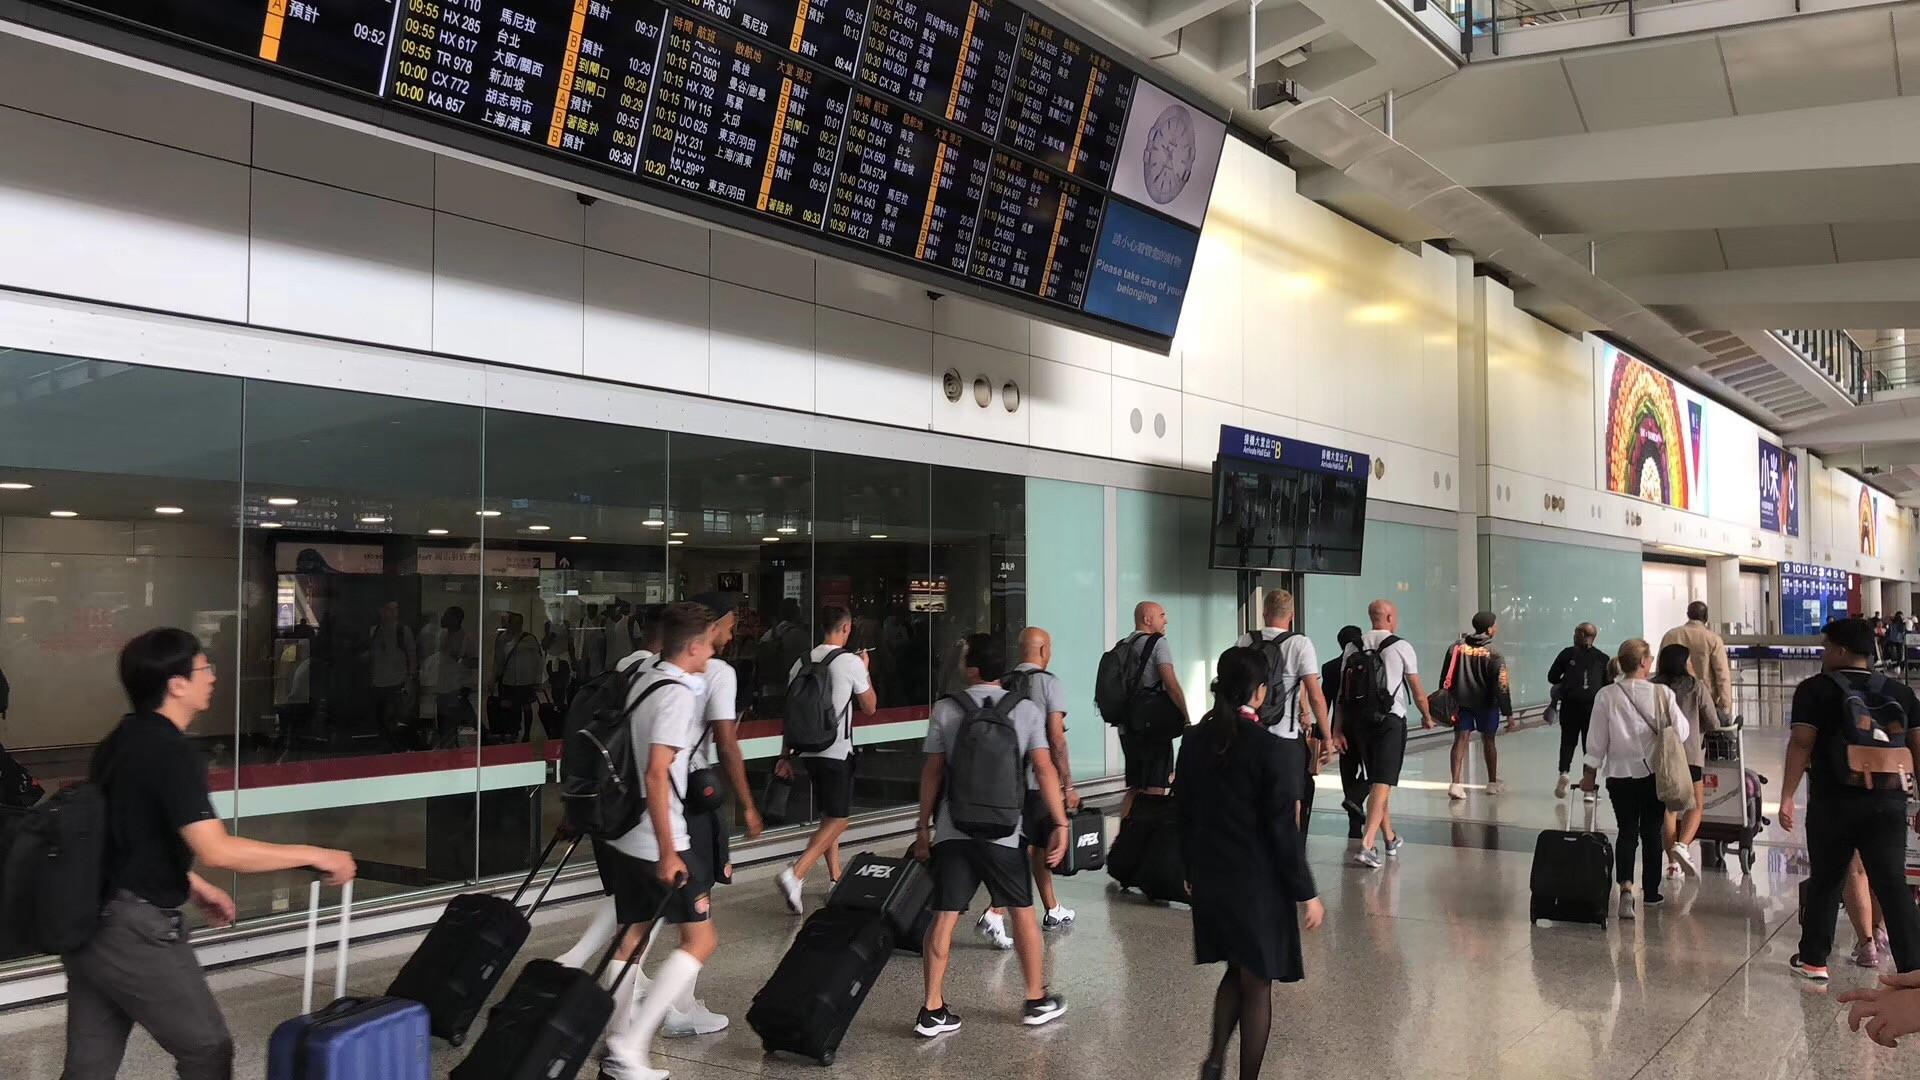 早安!期盼已久的红白军团终于到达中国啦